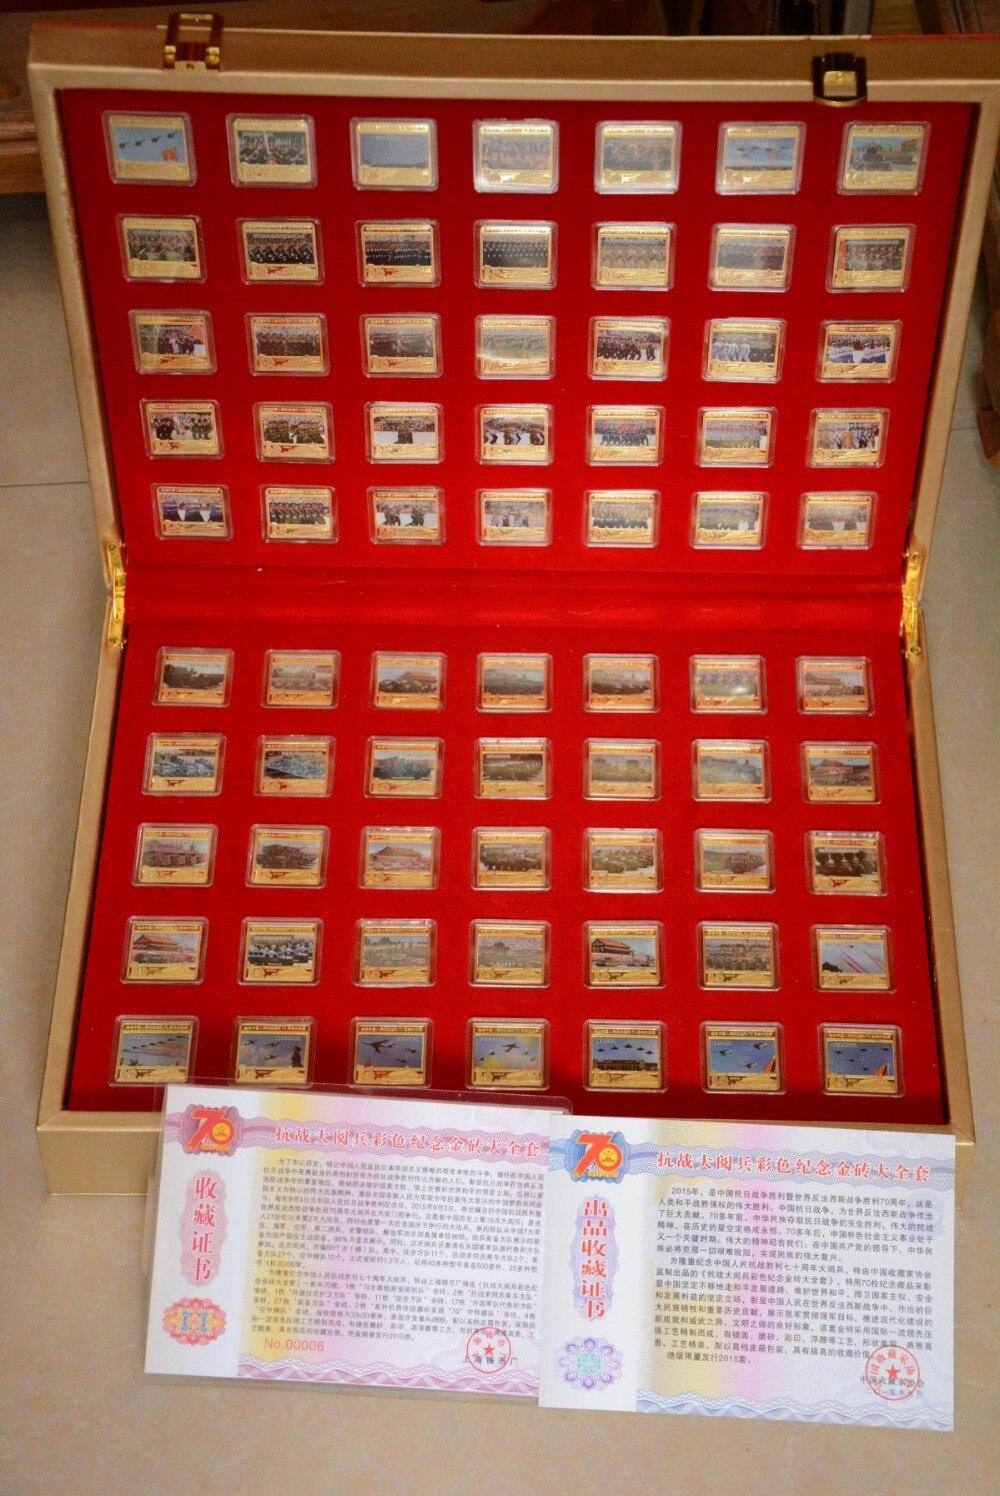 Année du gouvernement chinois (2015) commémorant la victoire de la seconde guerre mondiale 70 ans pièce d'argent colorée, défilé militaire, 70 pièces (ensemble)